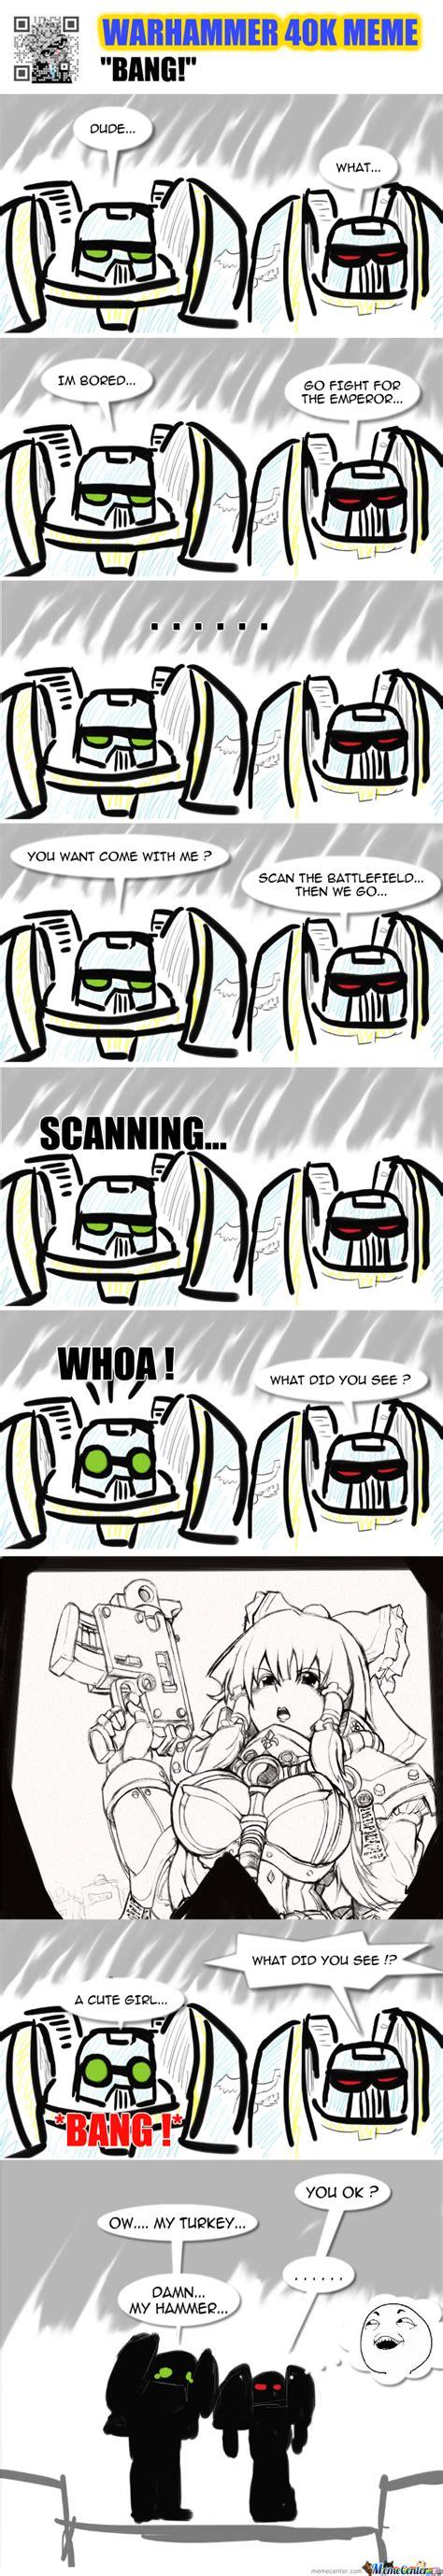 Warhammer 40k Memes - warhammer 40k meme by recyclebin meme center